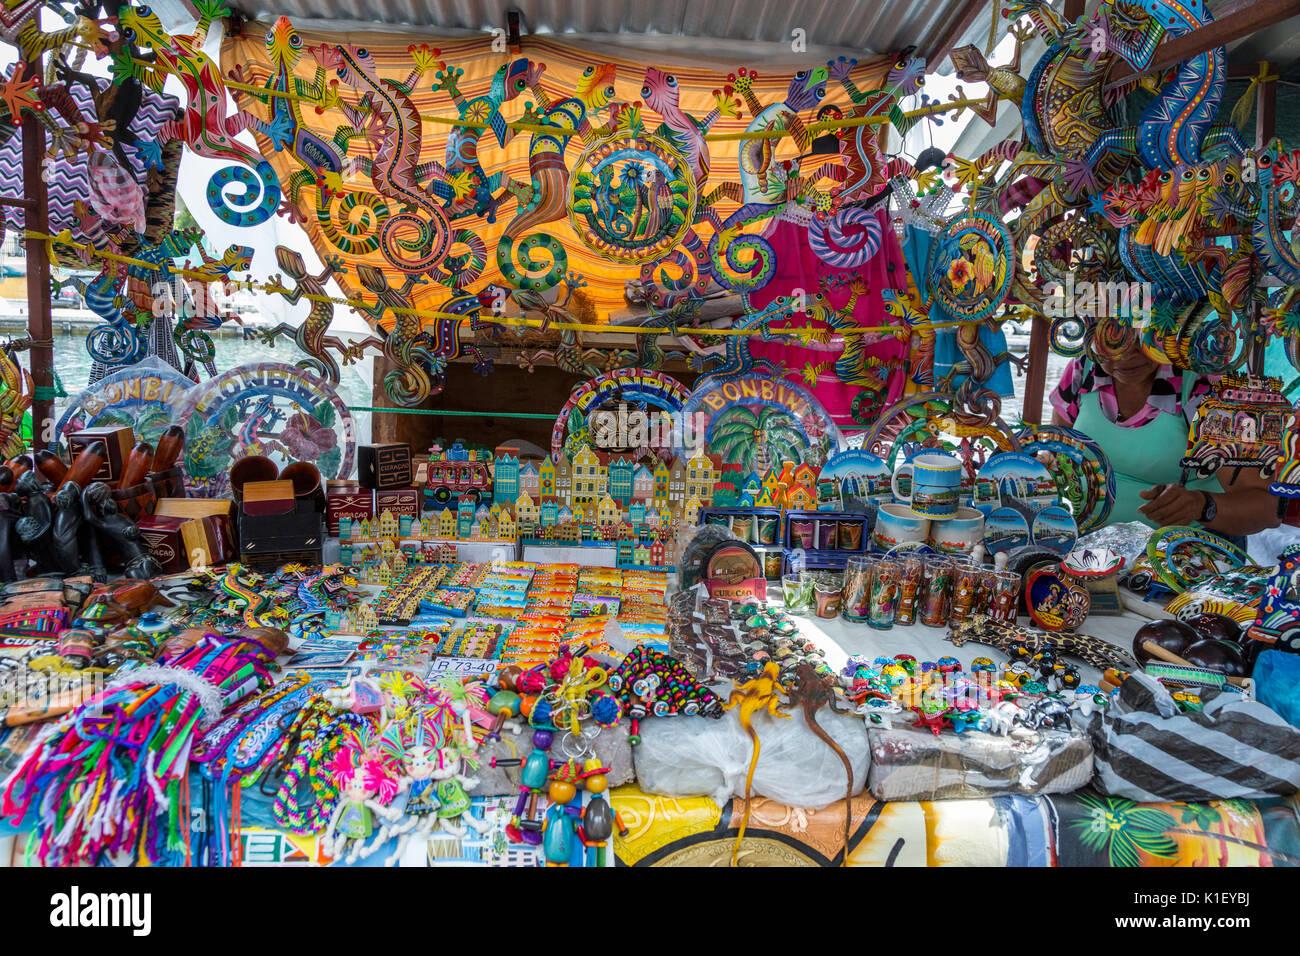 Willemstad, Curacao, Kleinen Antillen. Souvenir auf dem Markt stehen. Stockfoto